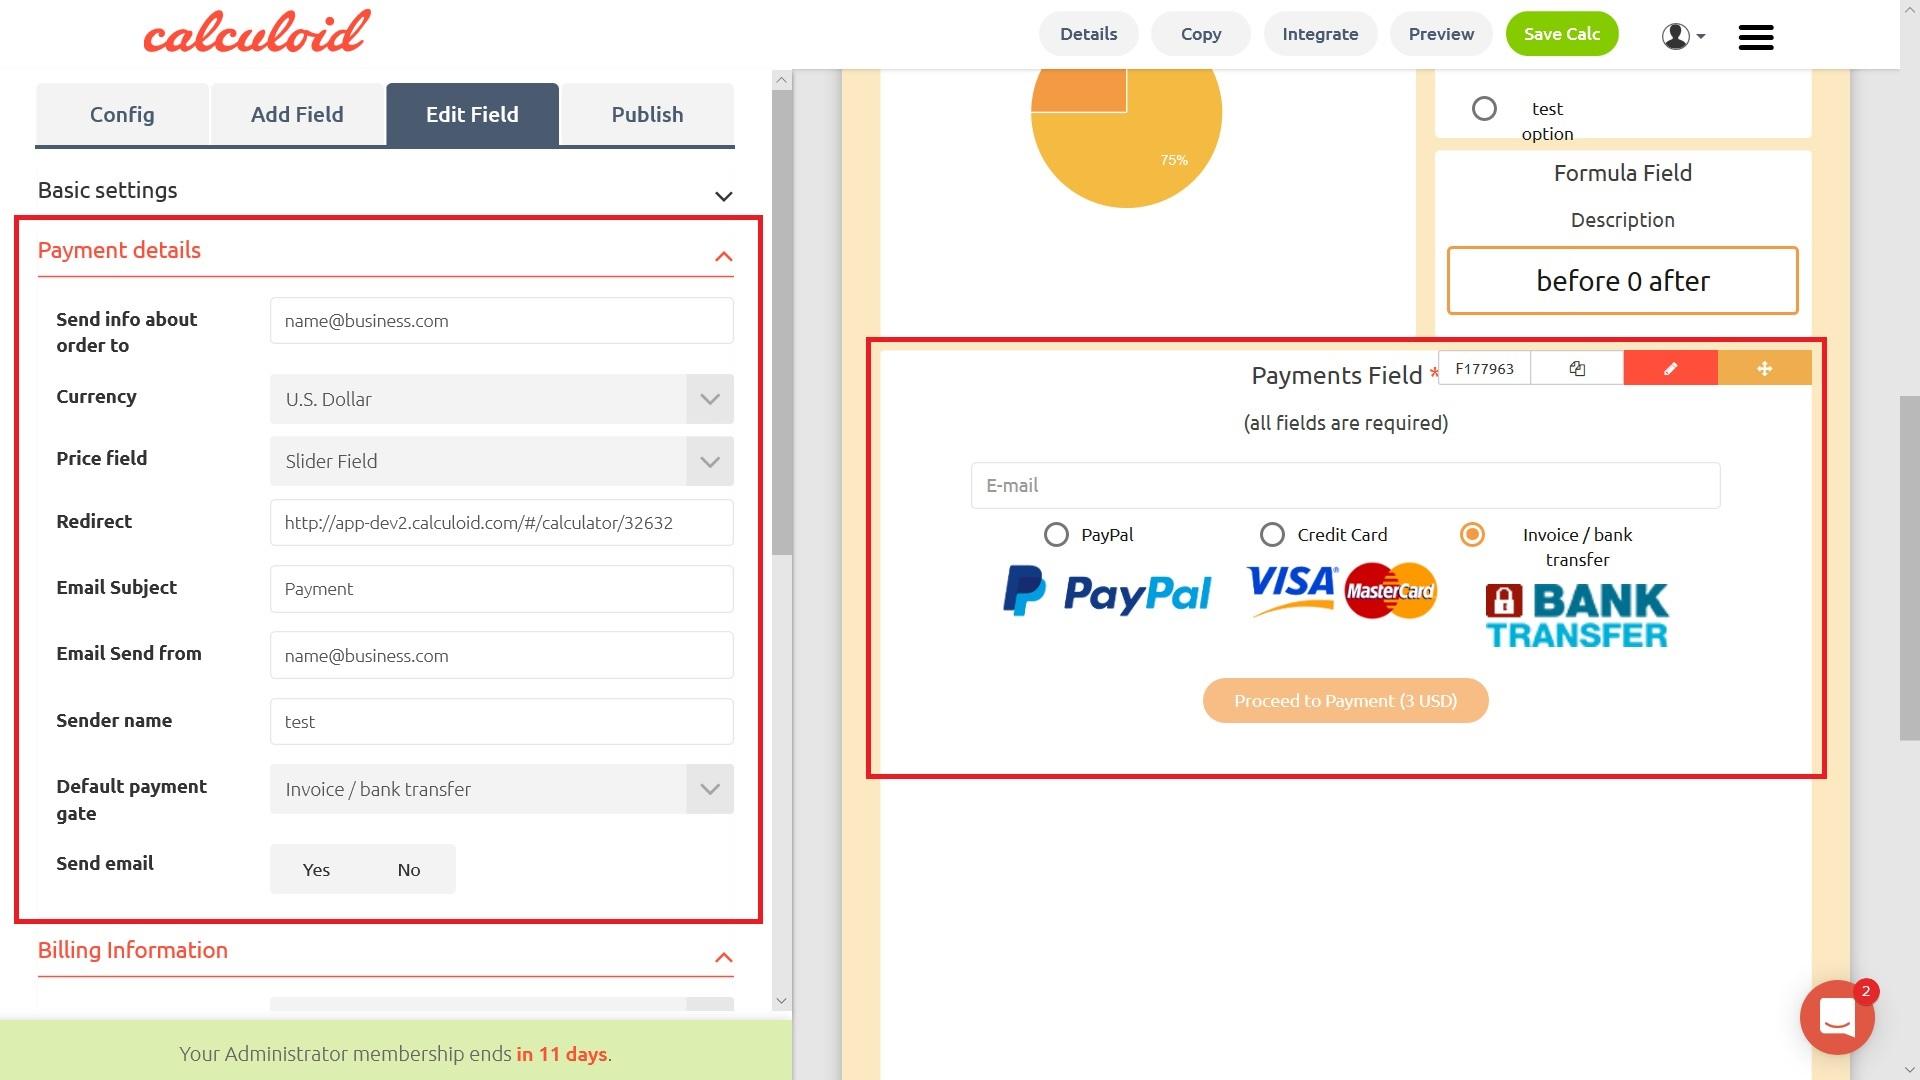 Campo pagamenti - Calculoid.com